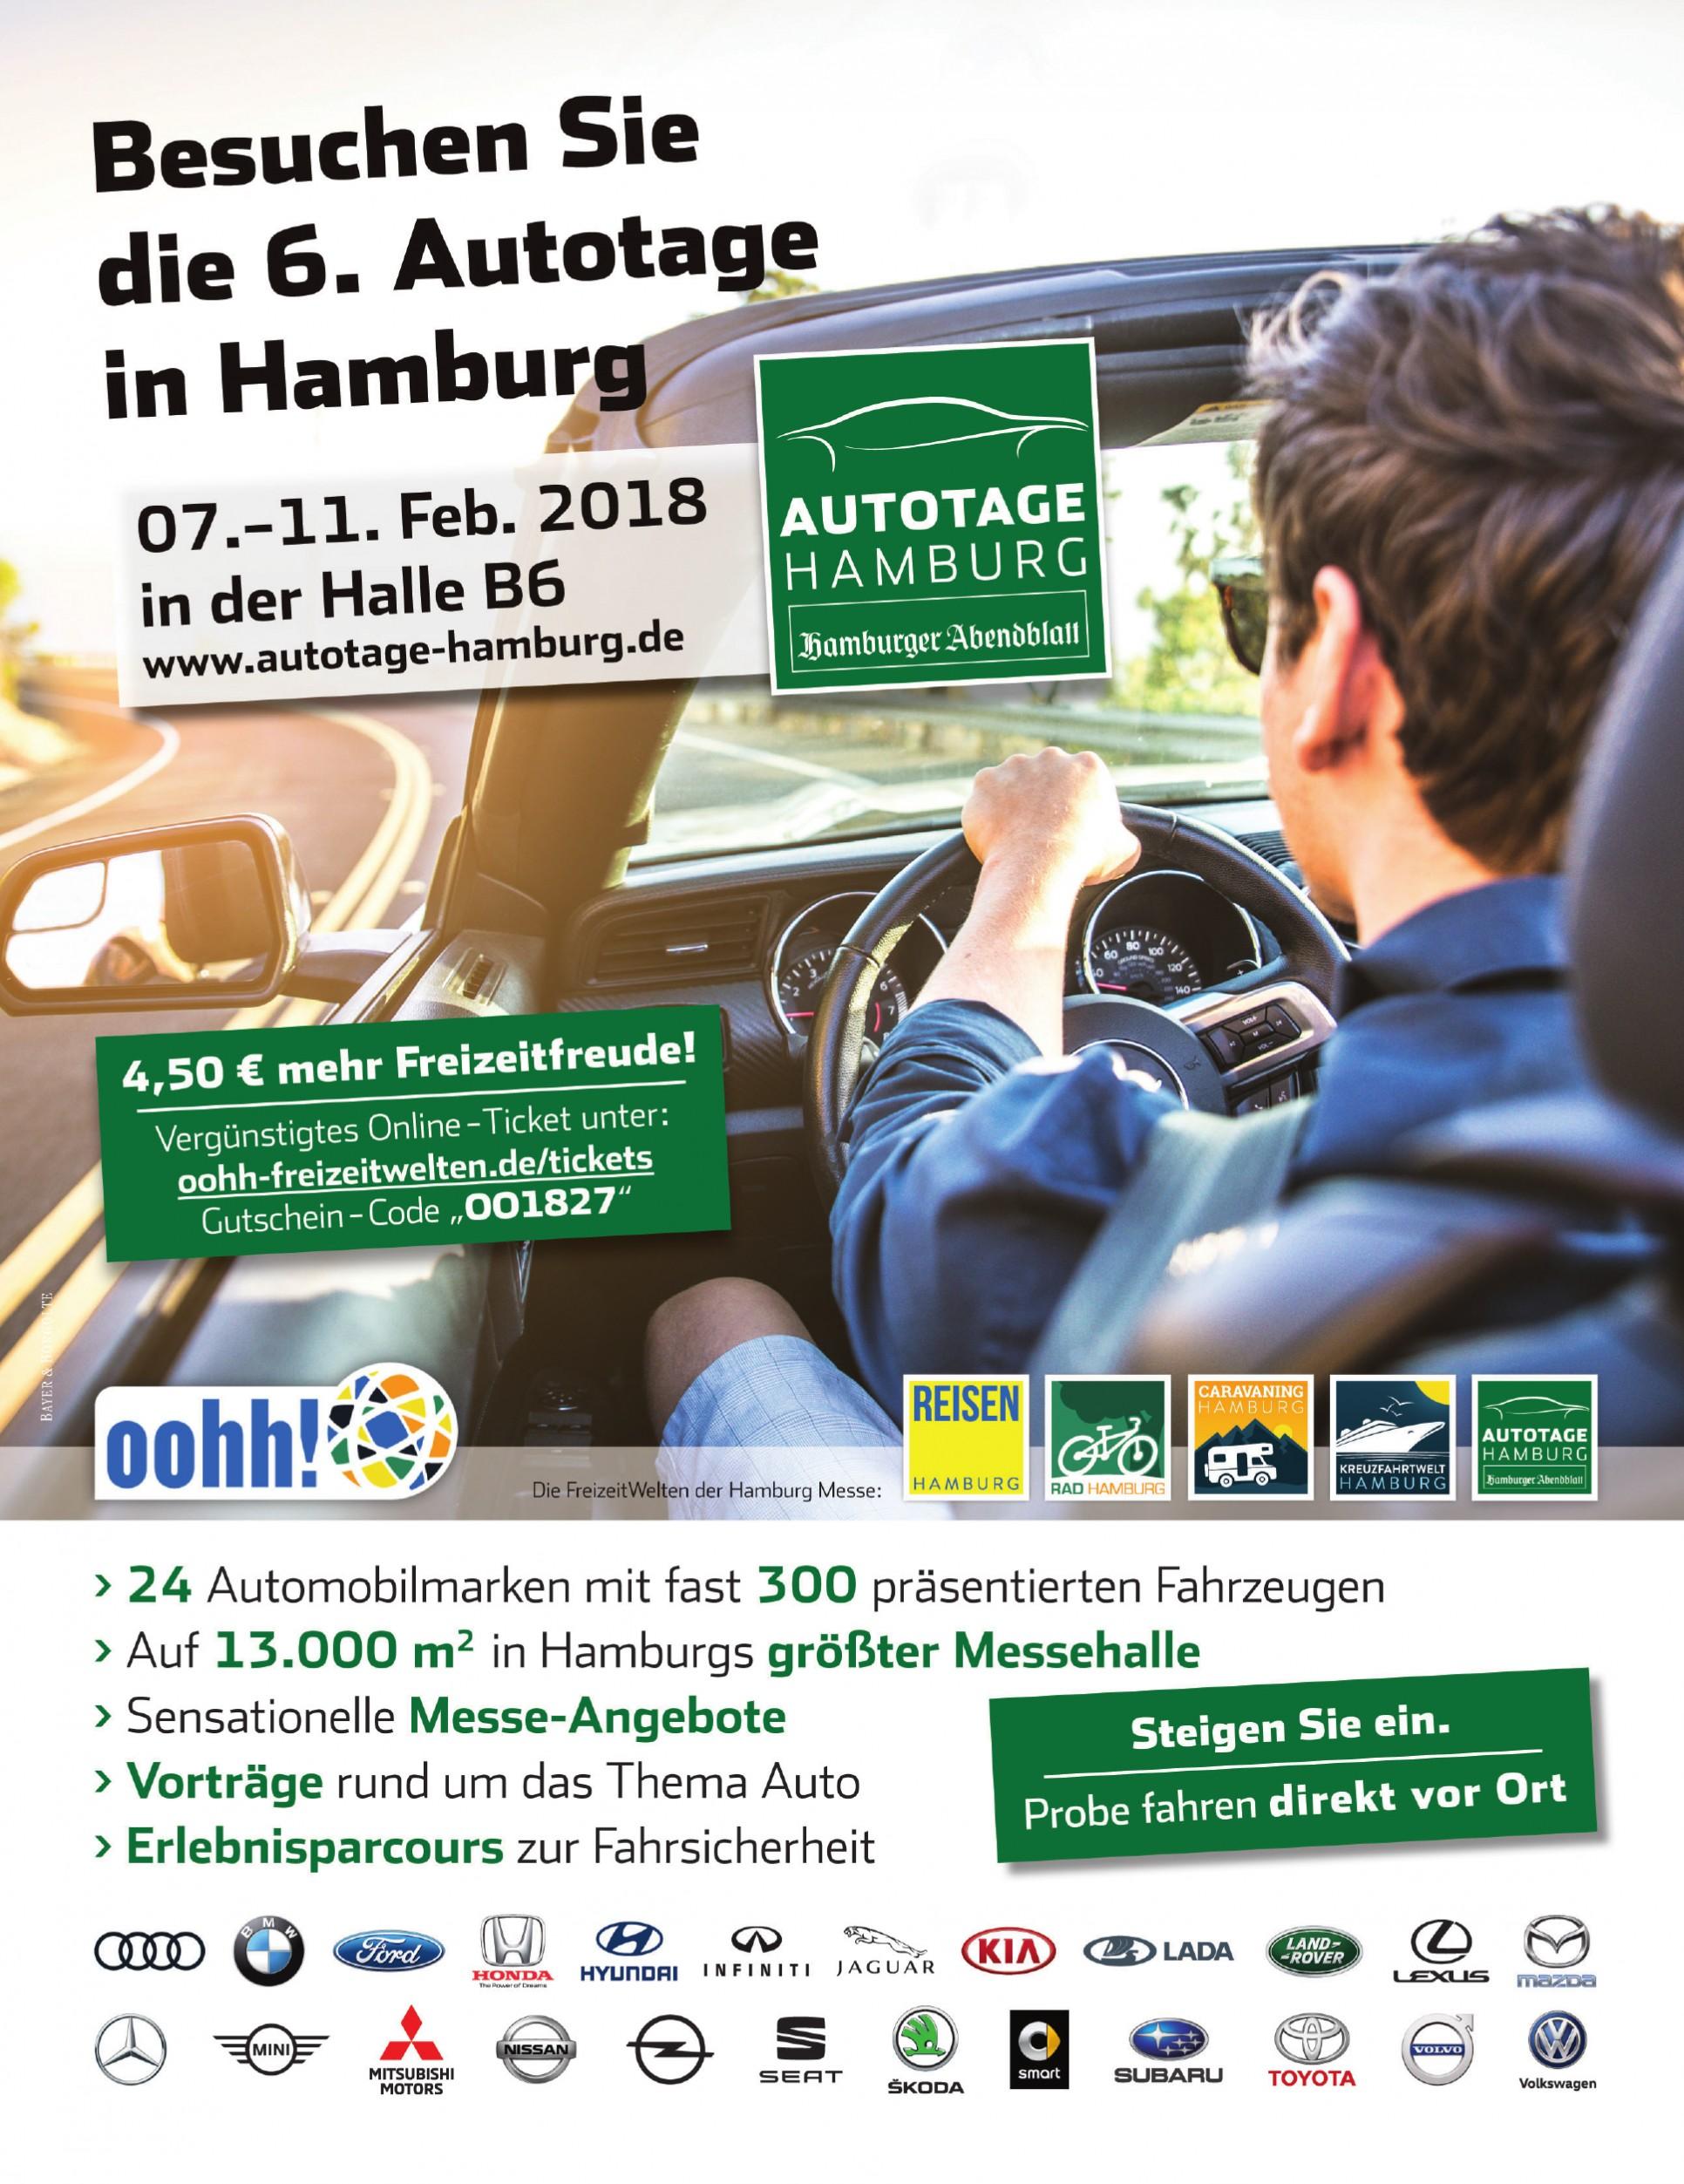 6. Autotage Hamburg